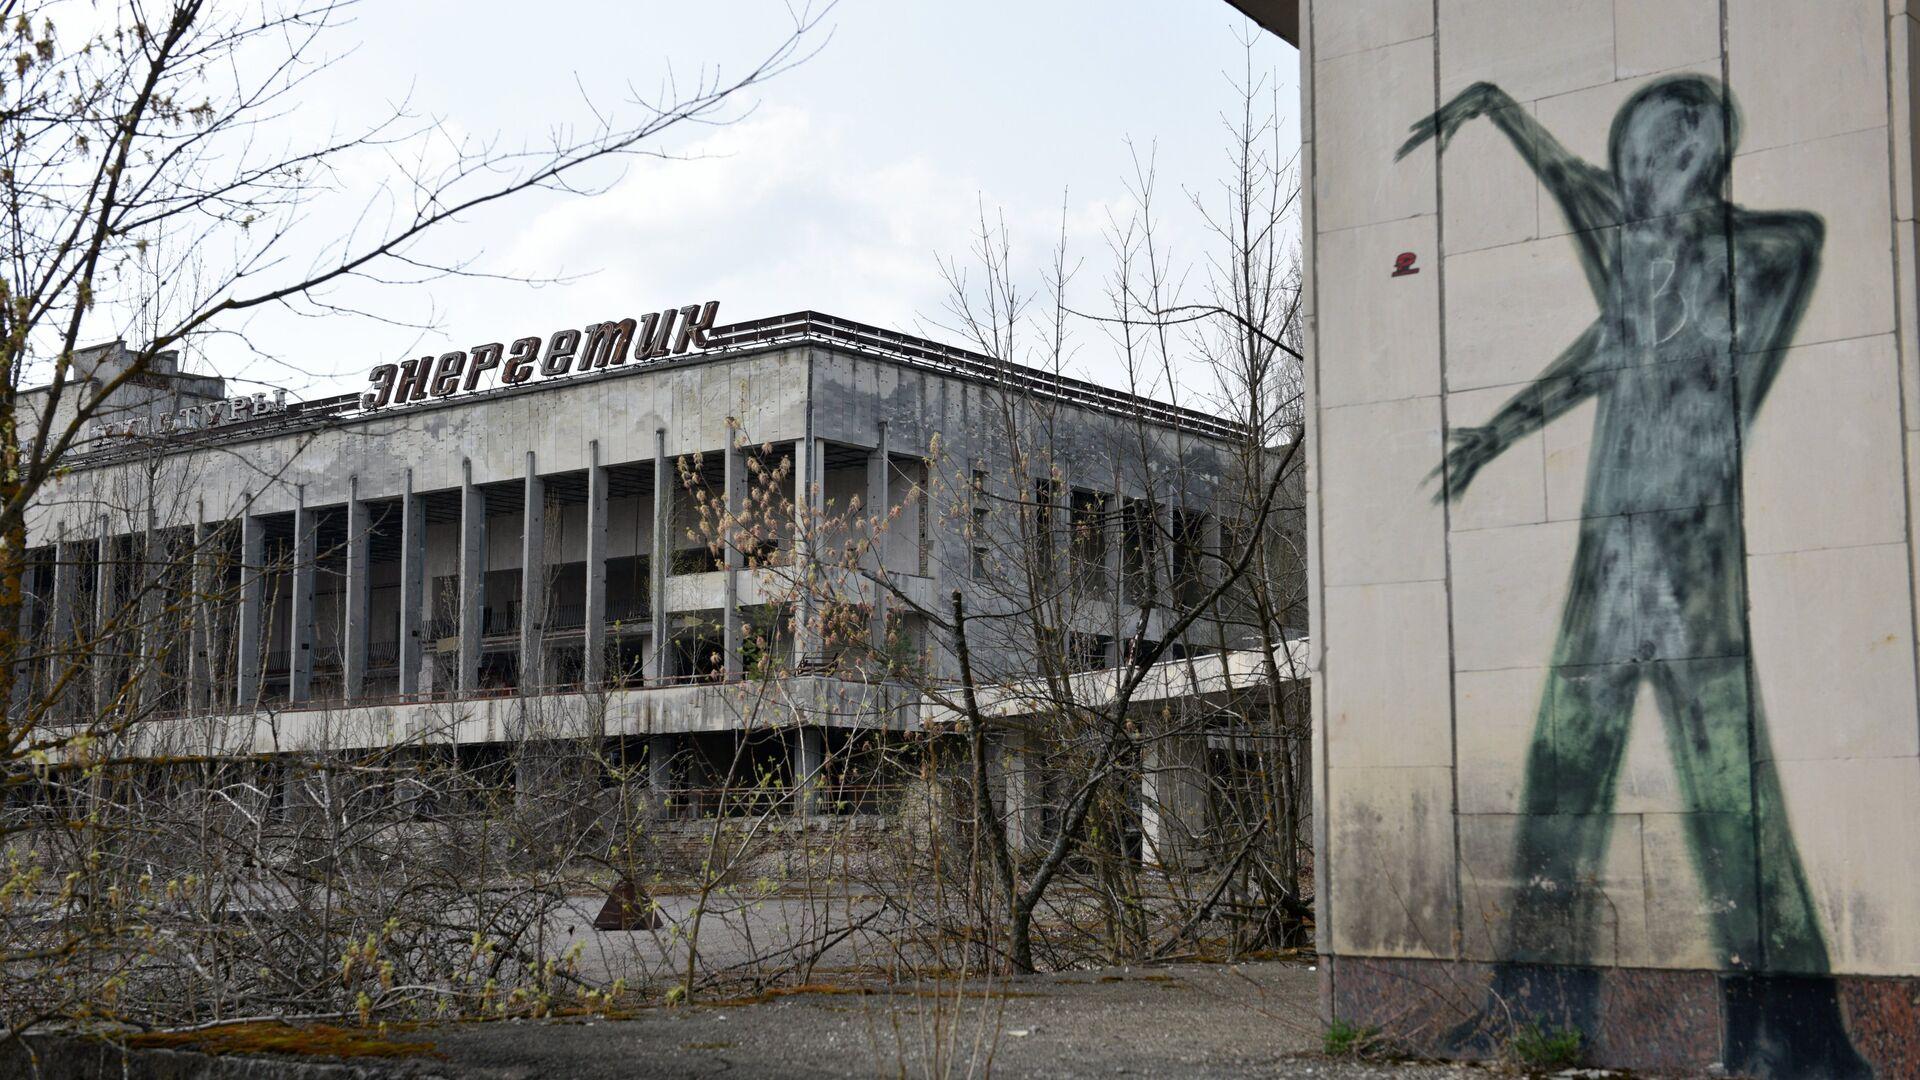 Un edificio y un graffiti en la zona de exclusión de Chernóbil (archivo) - Sputnik Mundo, 1920, 24.04.2021